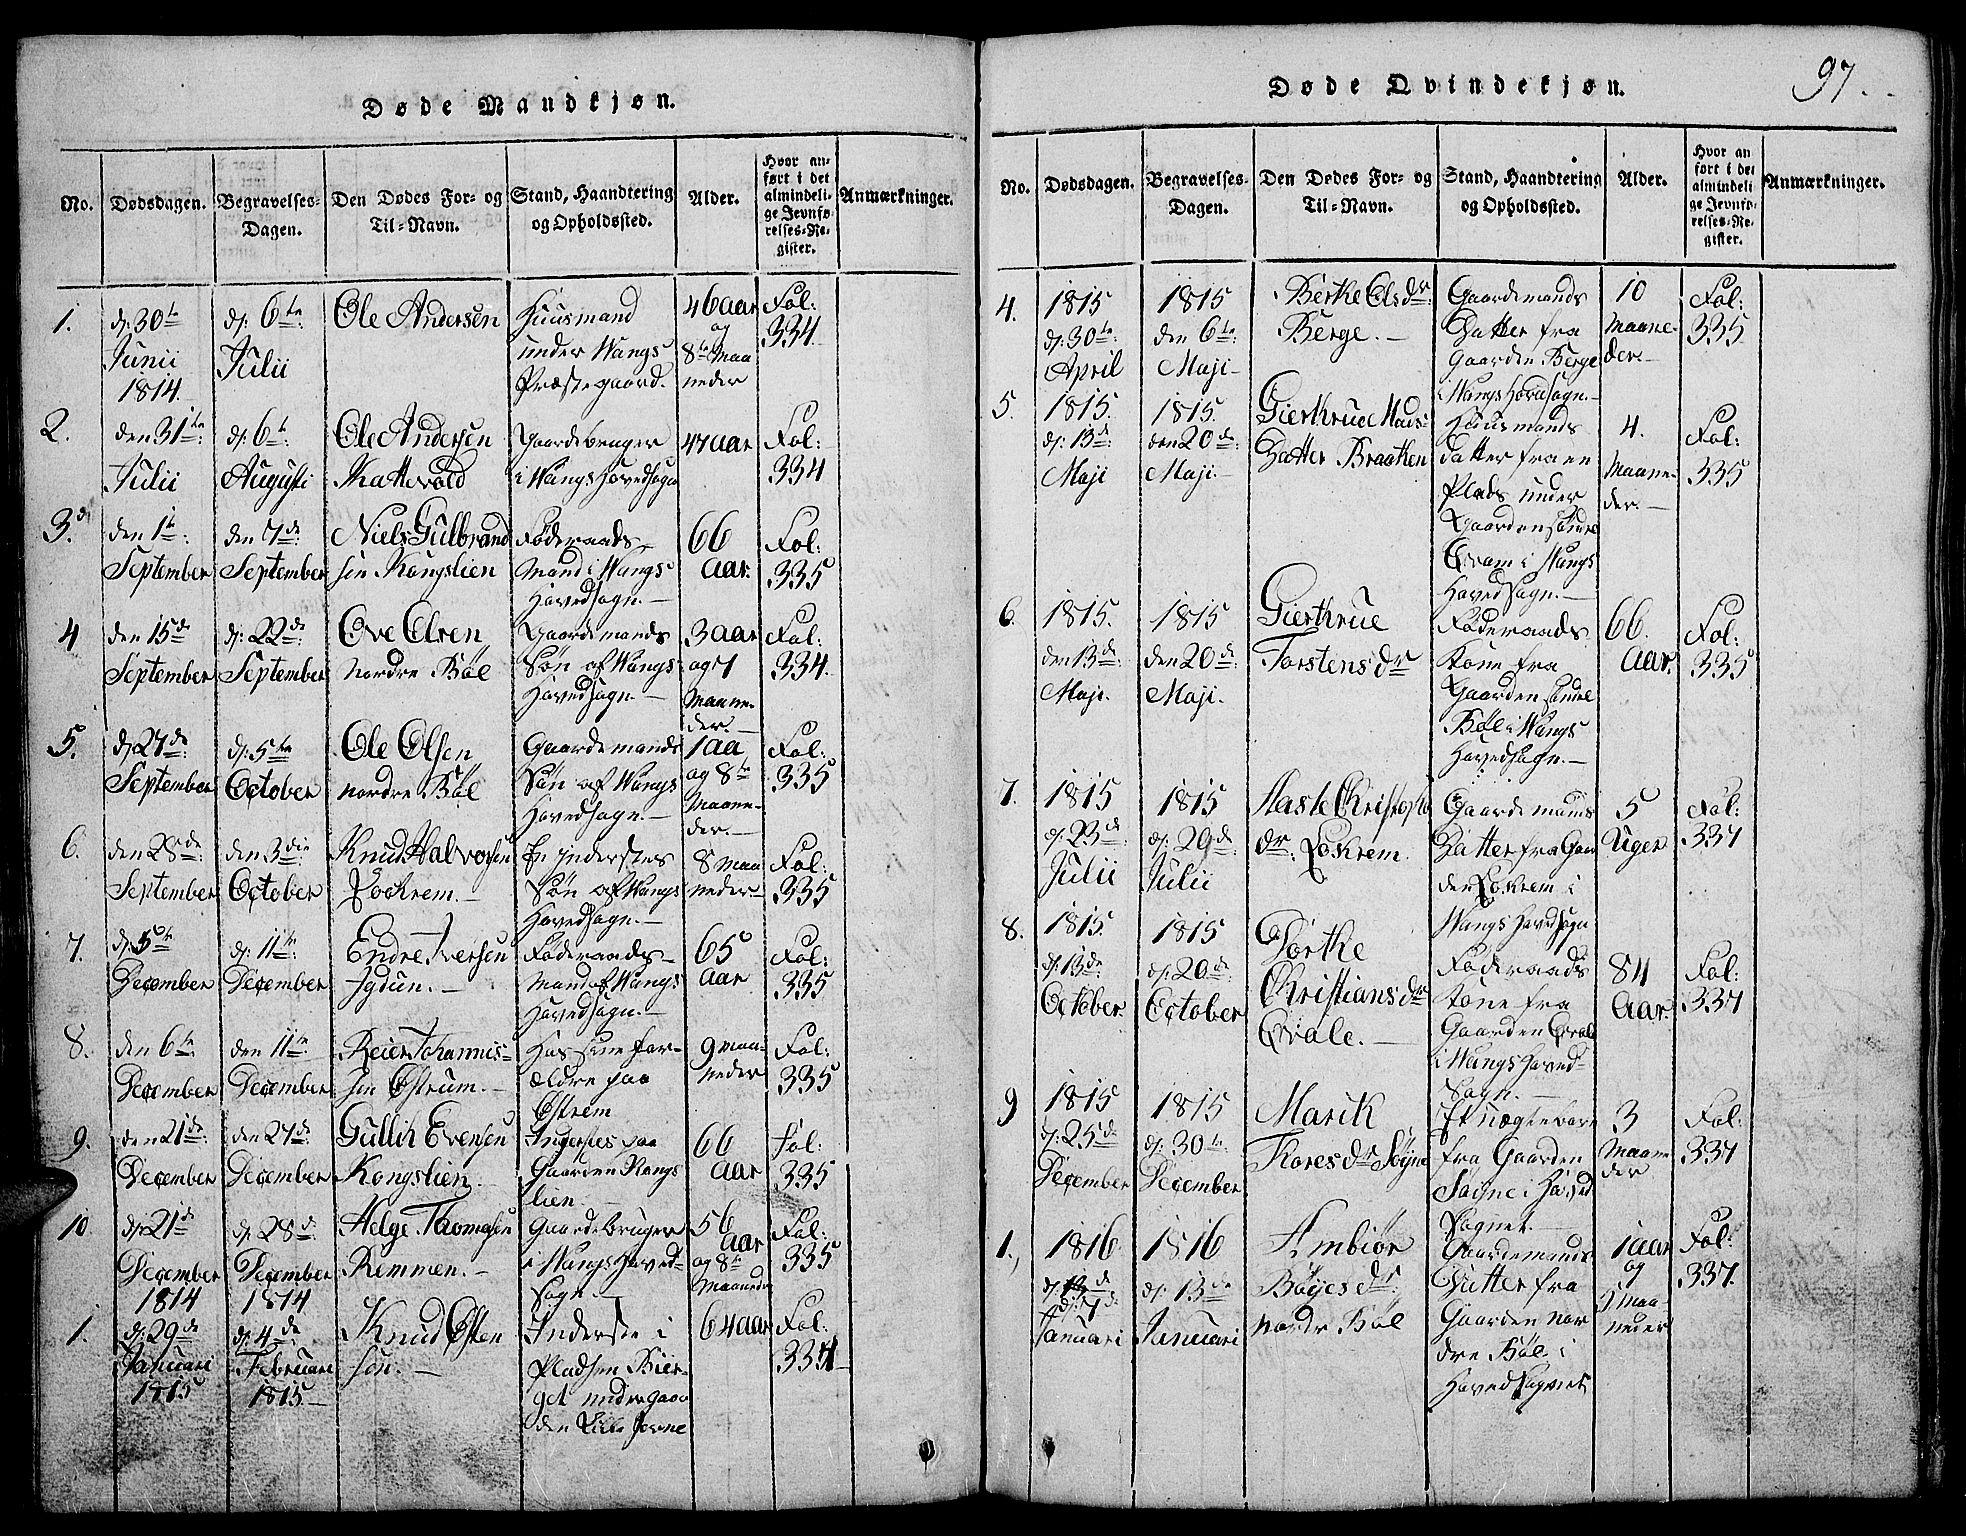 SAH, Vang prestekontor, Valdres, Klokkerbok nr. 2, 1814-1889, s. 97